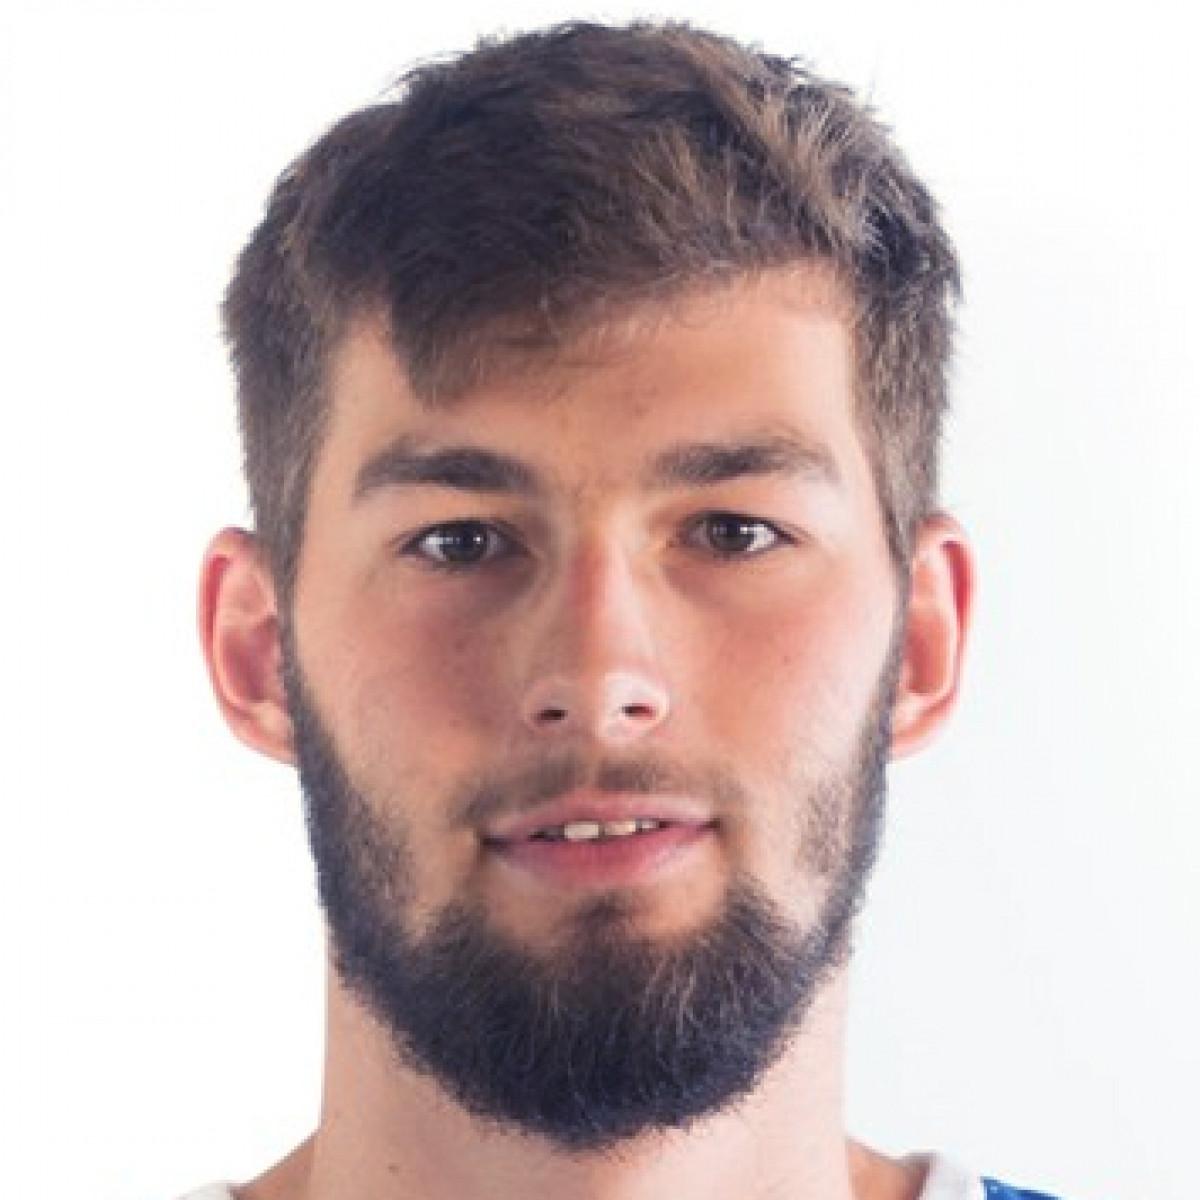 Lukas Sychra